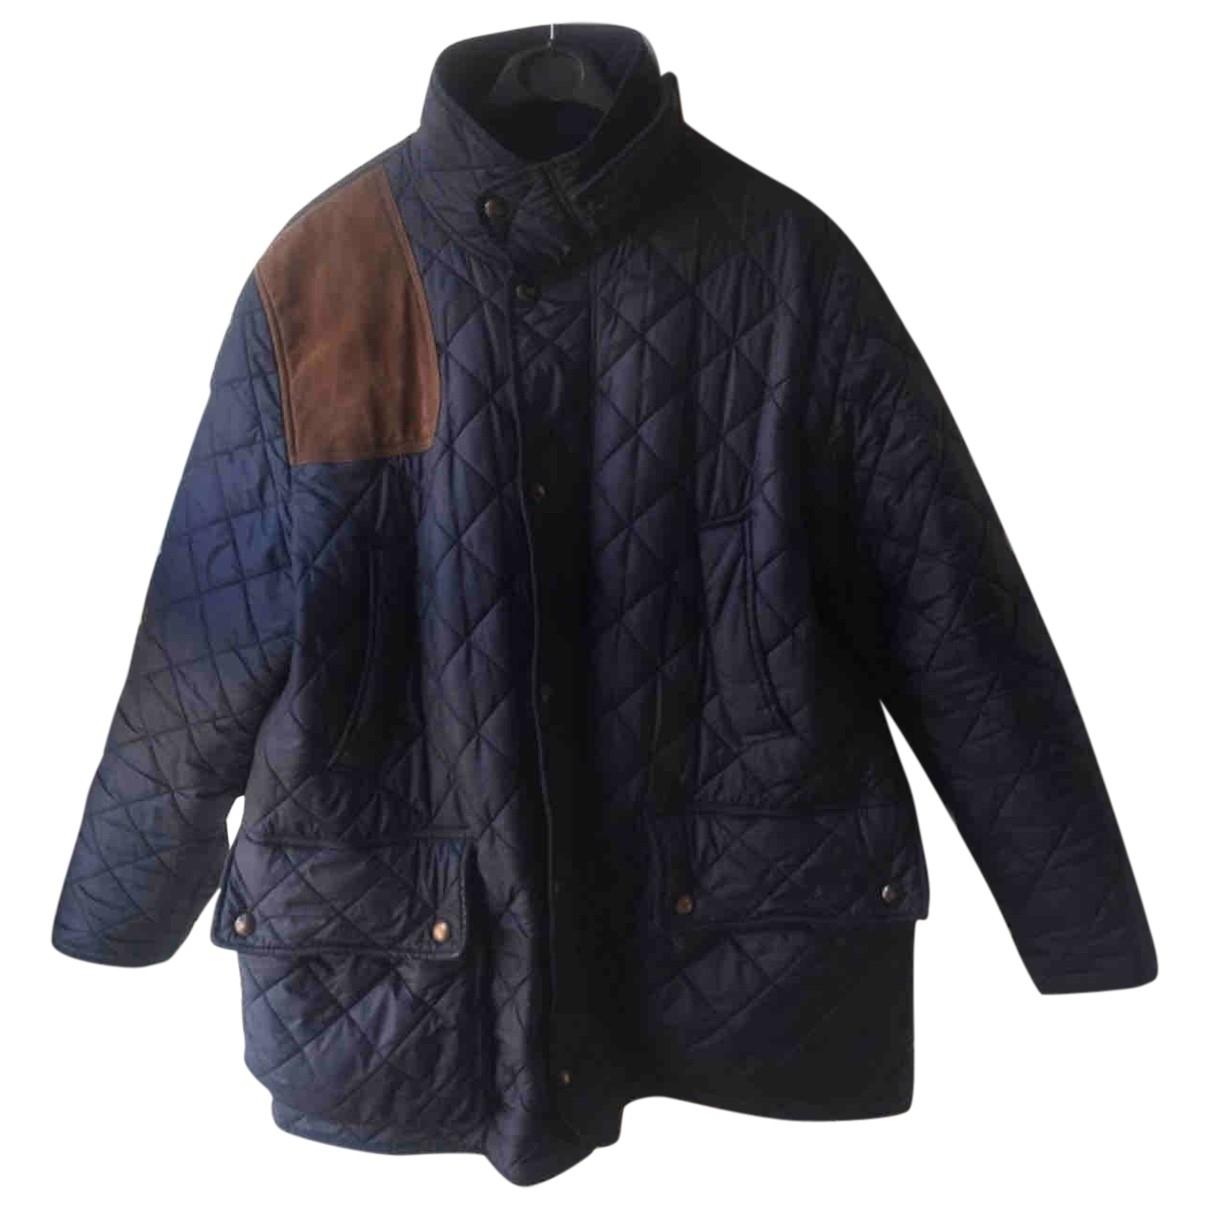 Polo Ralph Lauren - Manteau   pour homme - marine